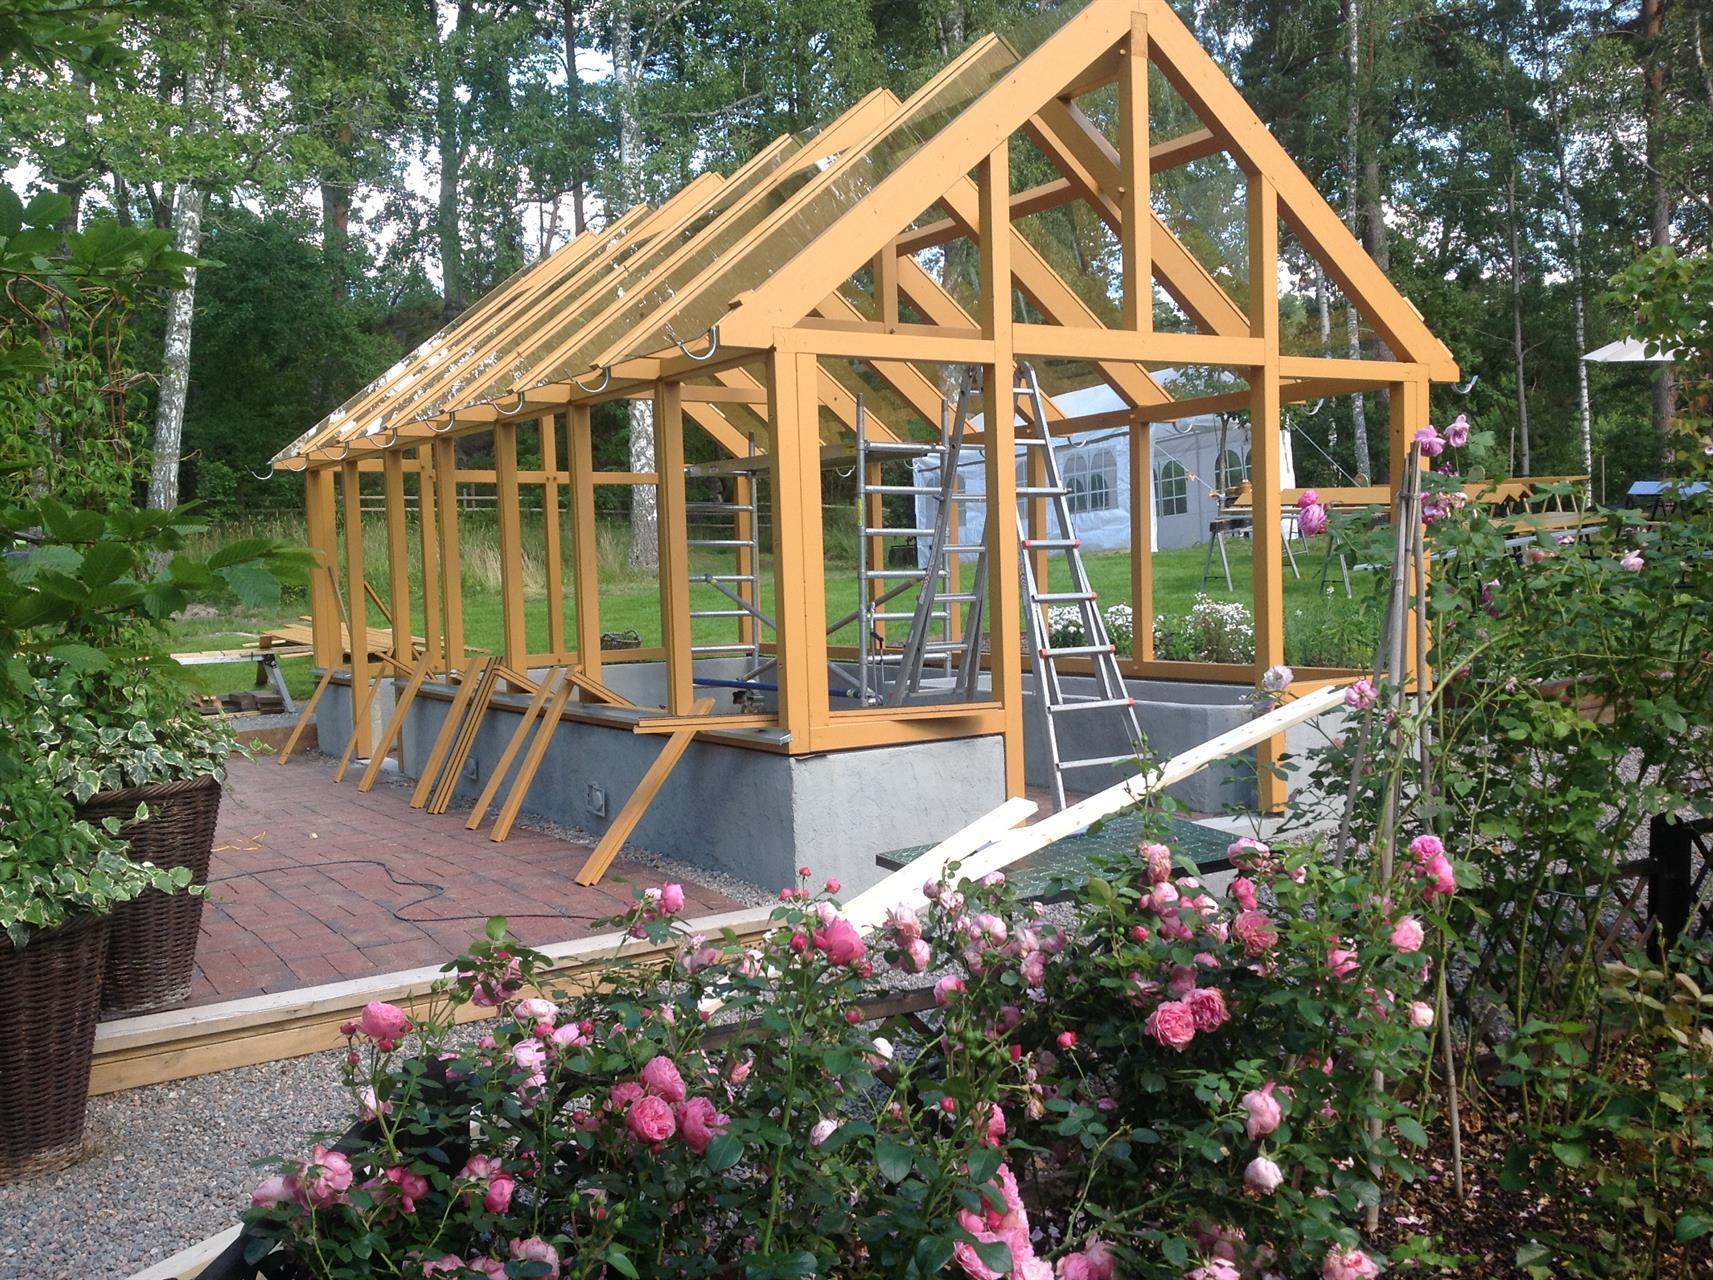 Linolijemålat växthus